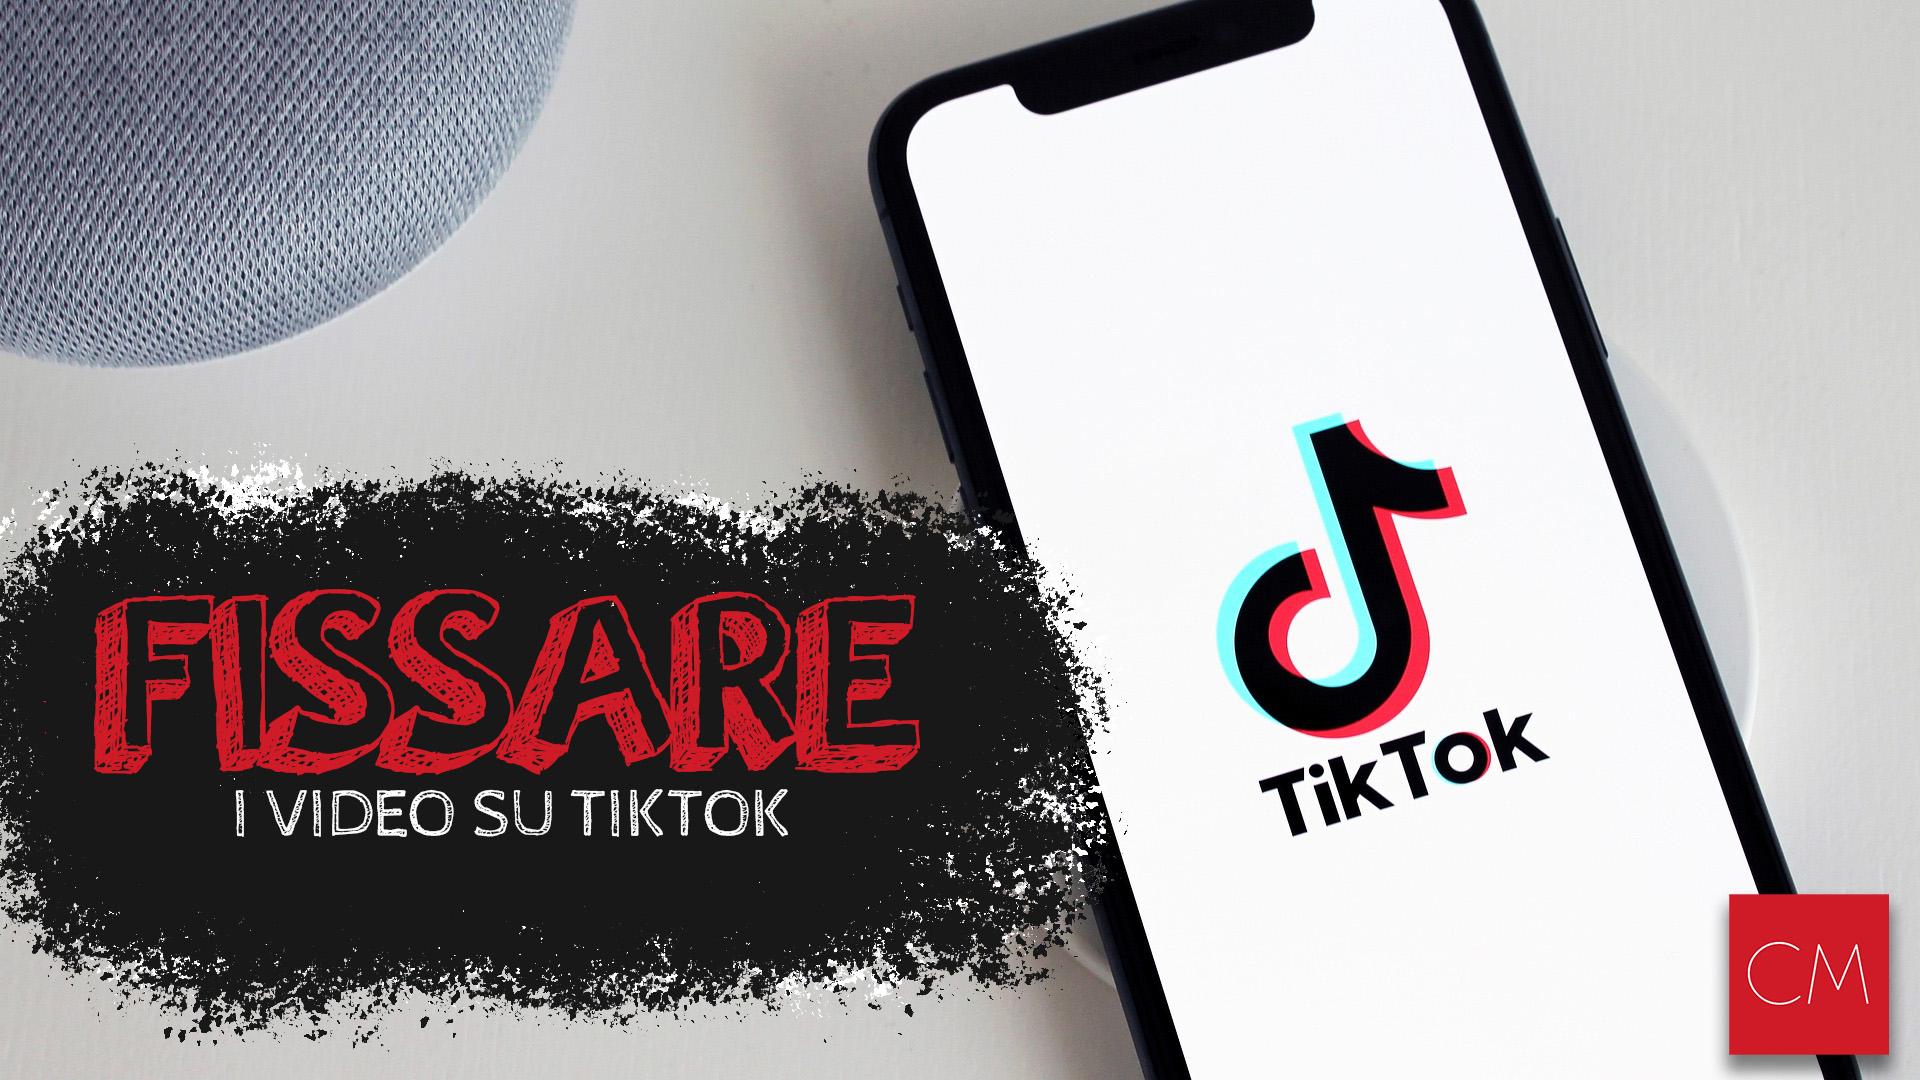 Come fissare i video su TikTok